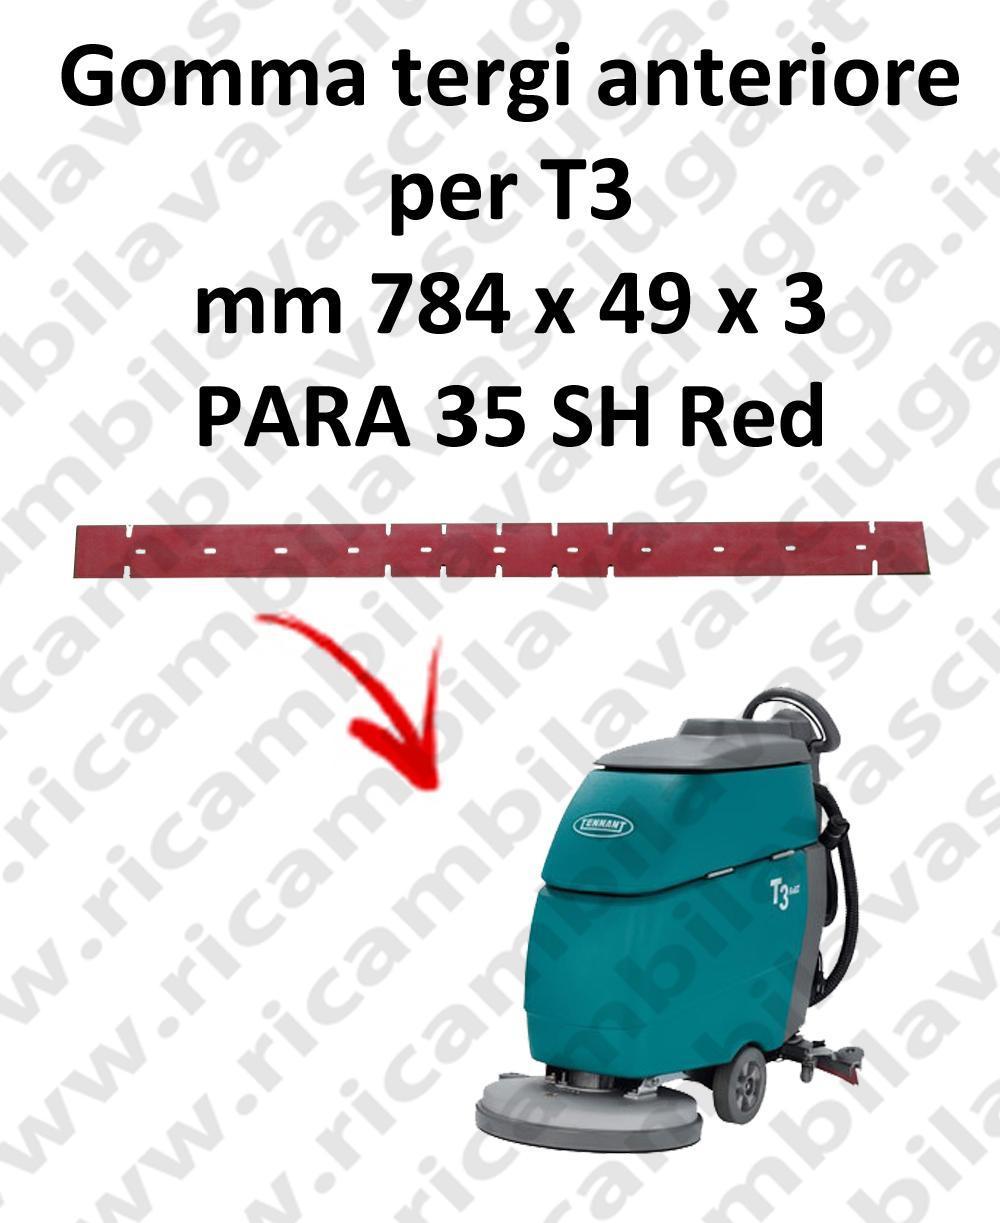 T3 goma de secado delantera para TENNANT repuestos fregadoras squeegee